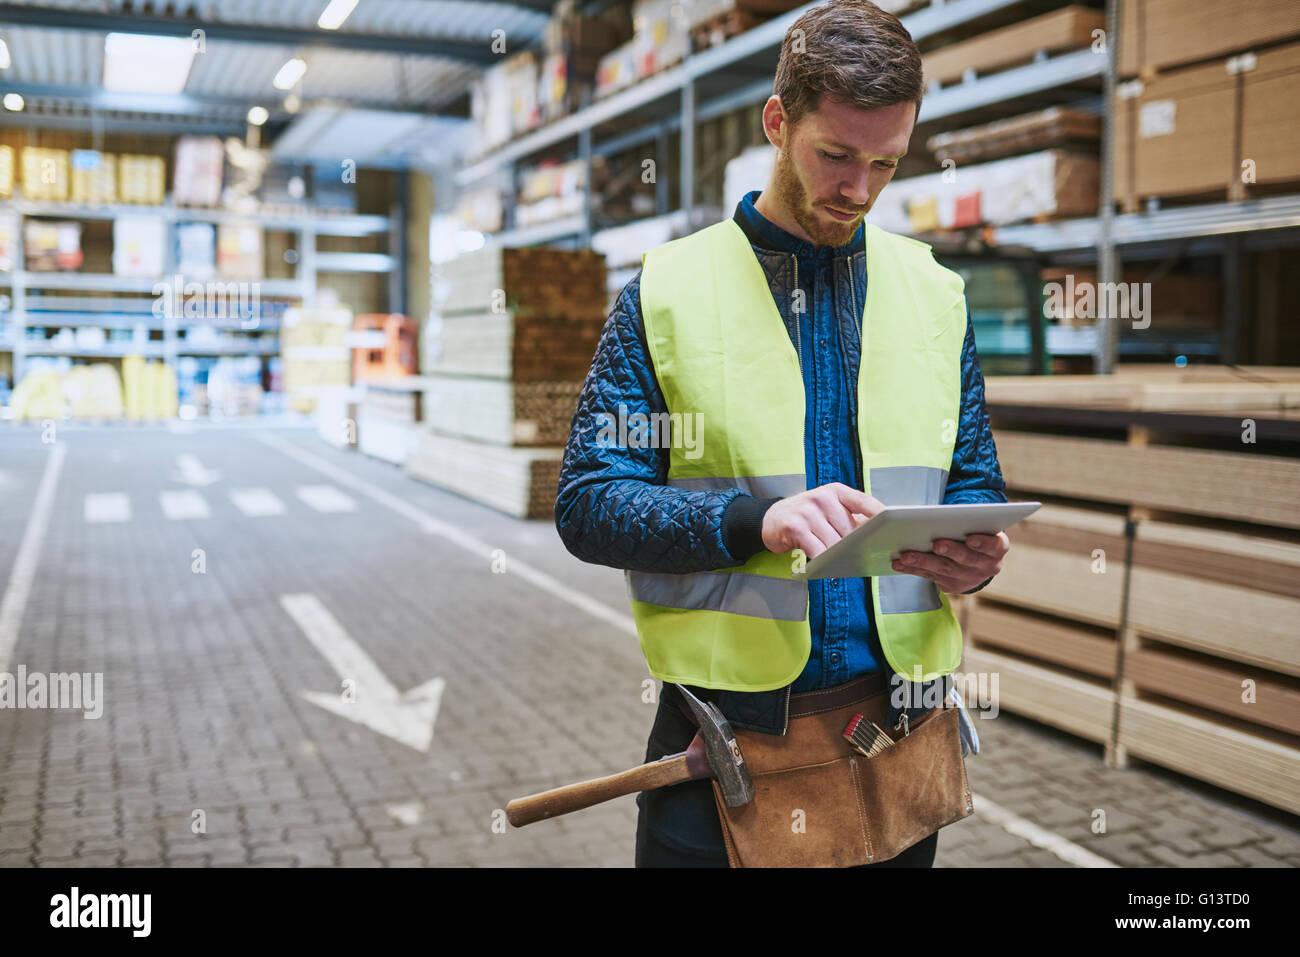 Junge Lagerarbeiter Umgang in Gebäude liefert in einer Fahrt durch Beratung ein Handheld Tablet-PC Stockbild